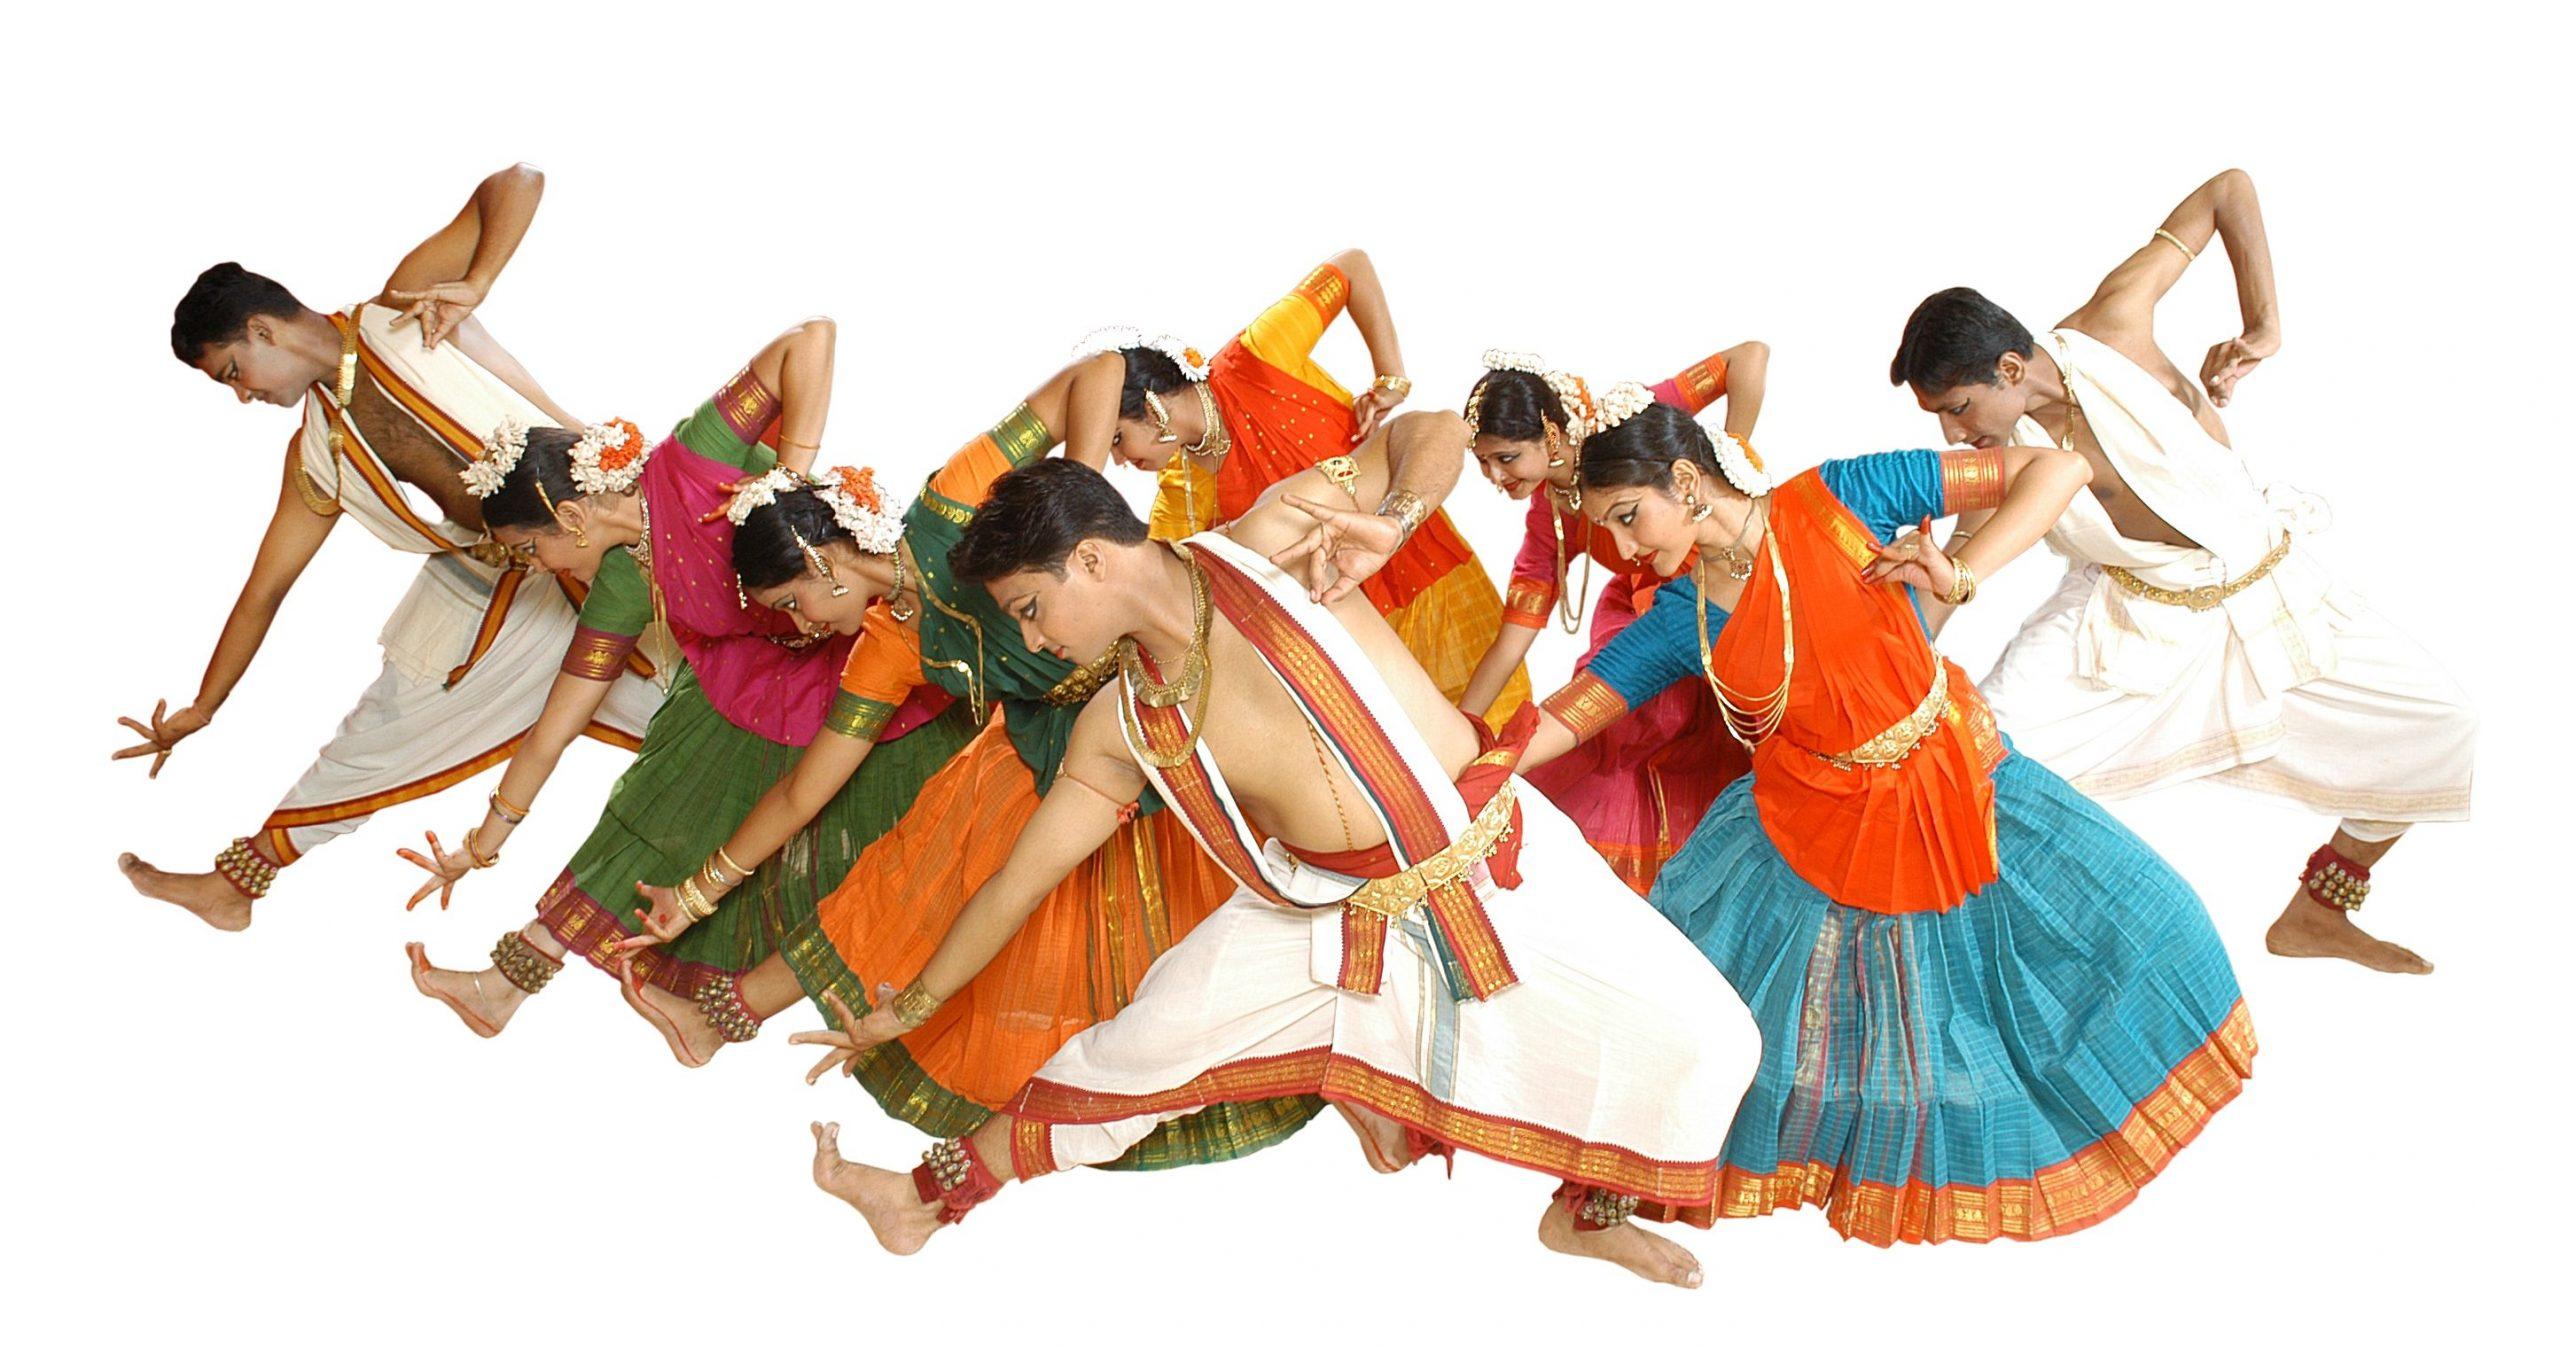 Folk Dance Captions For Instagram